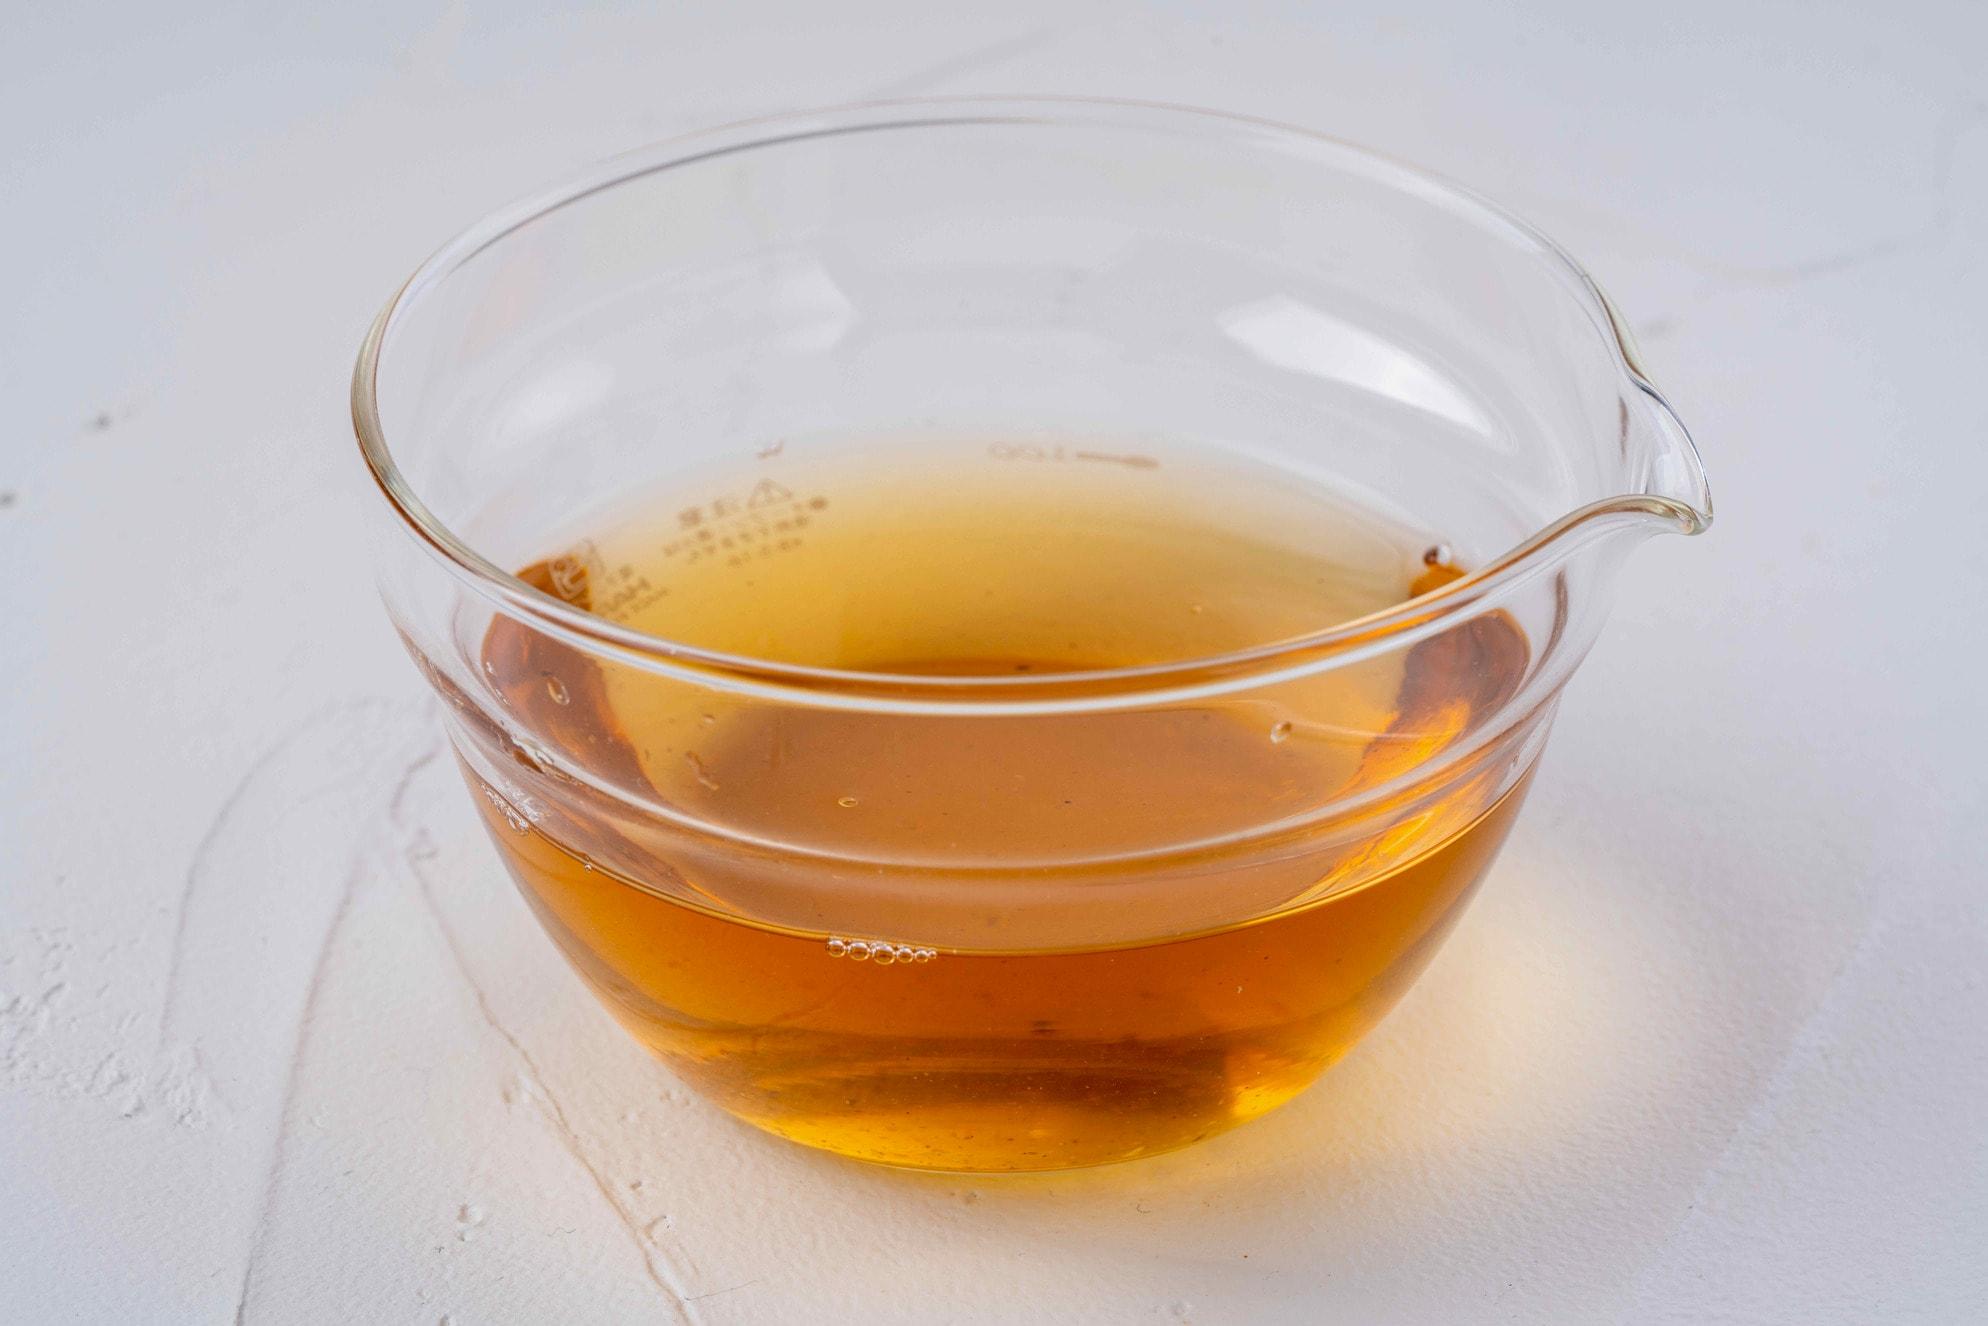 北海道産の乾燥原木椎茸からとった濃厚な出汁,シイタケだし